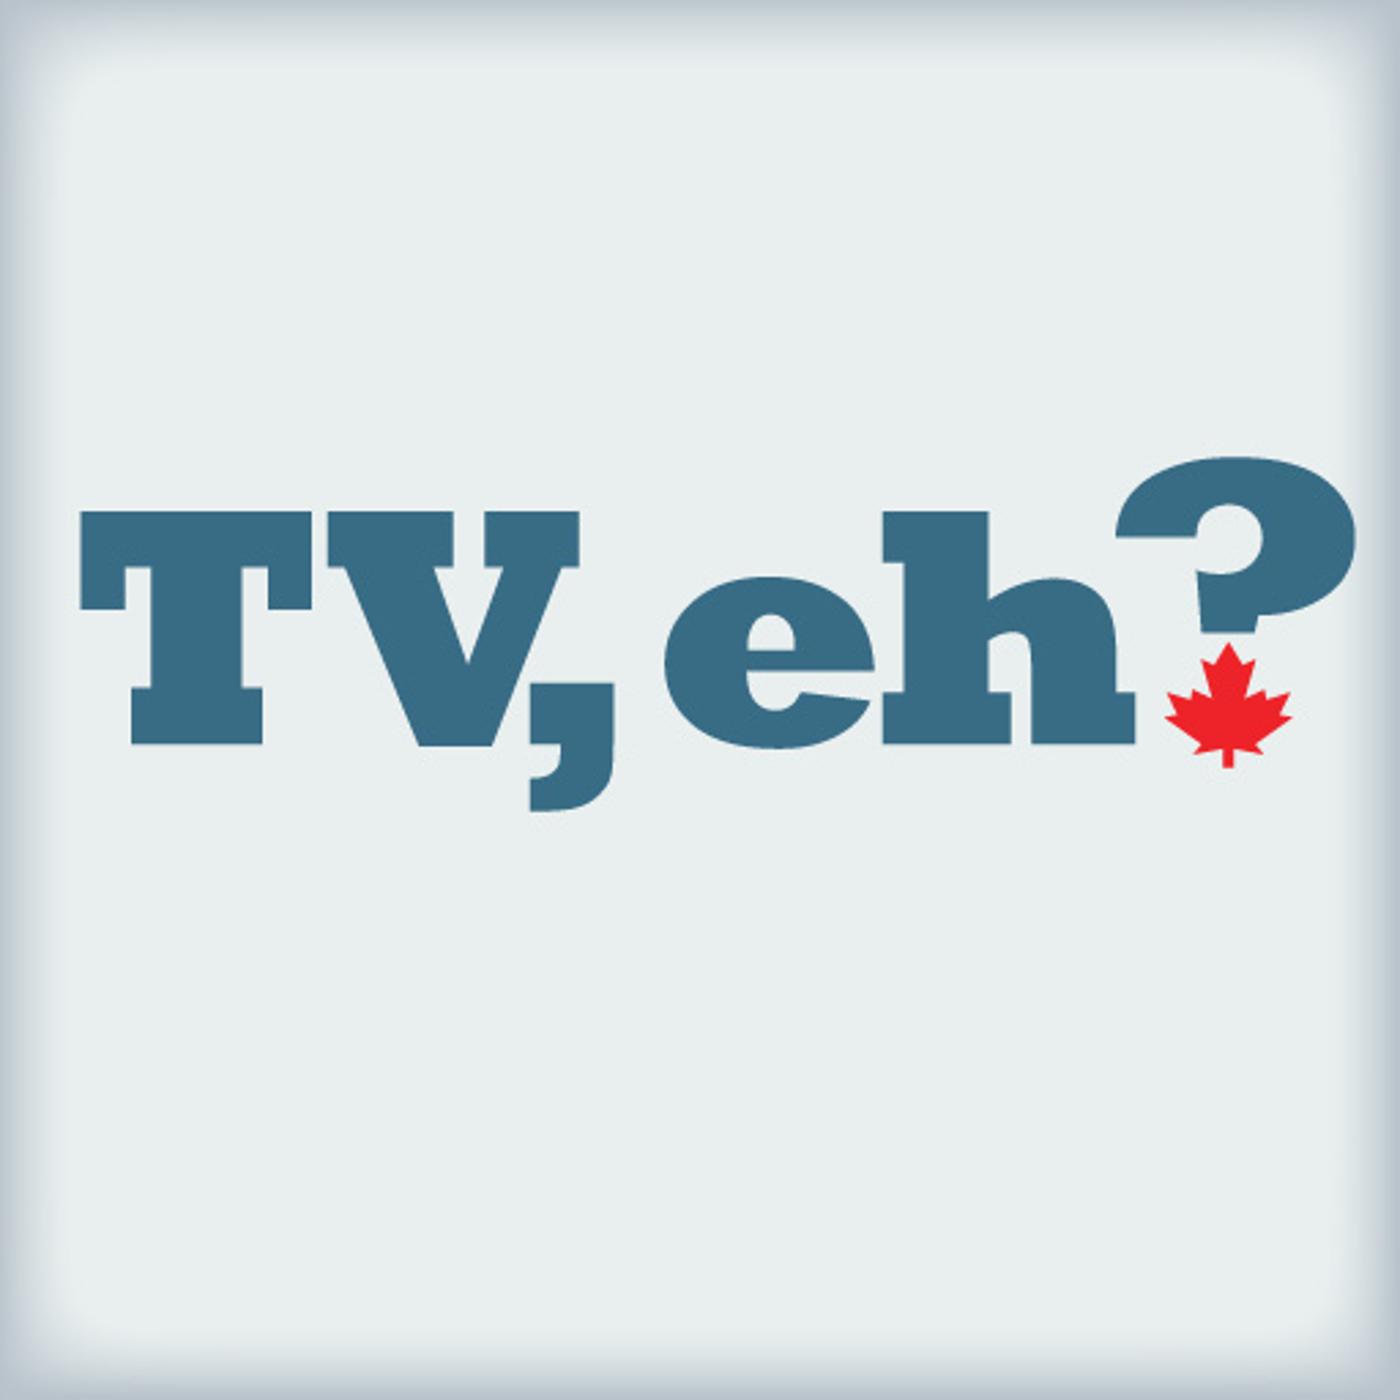 TV, eh?